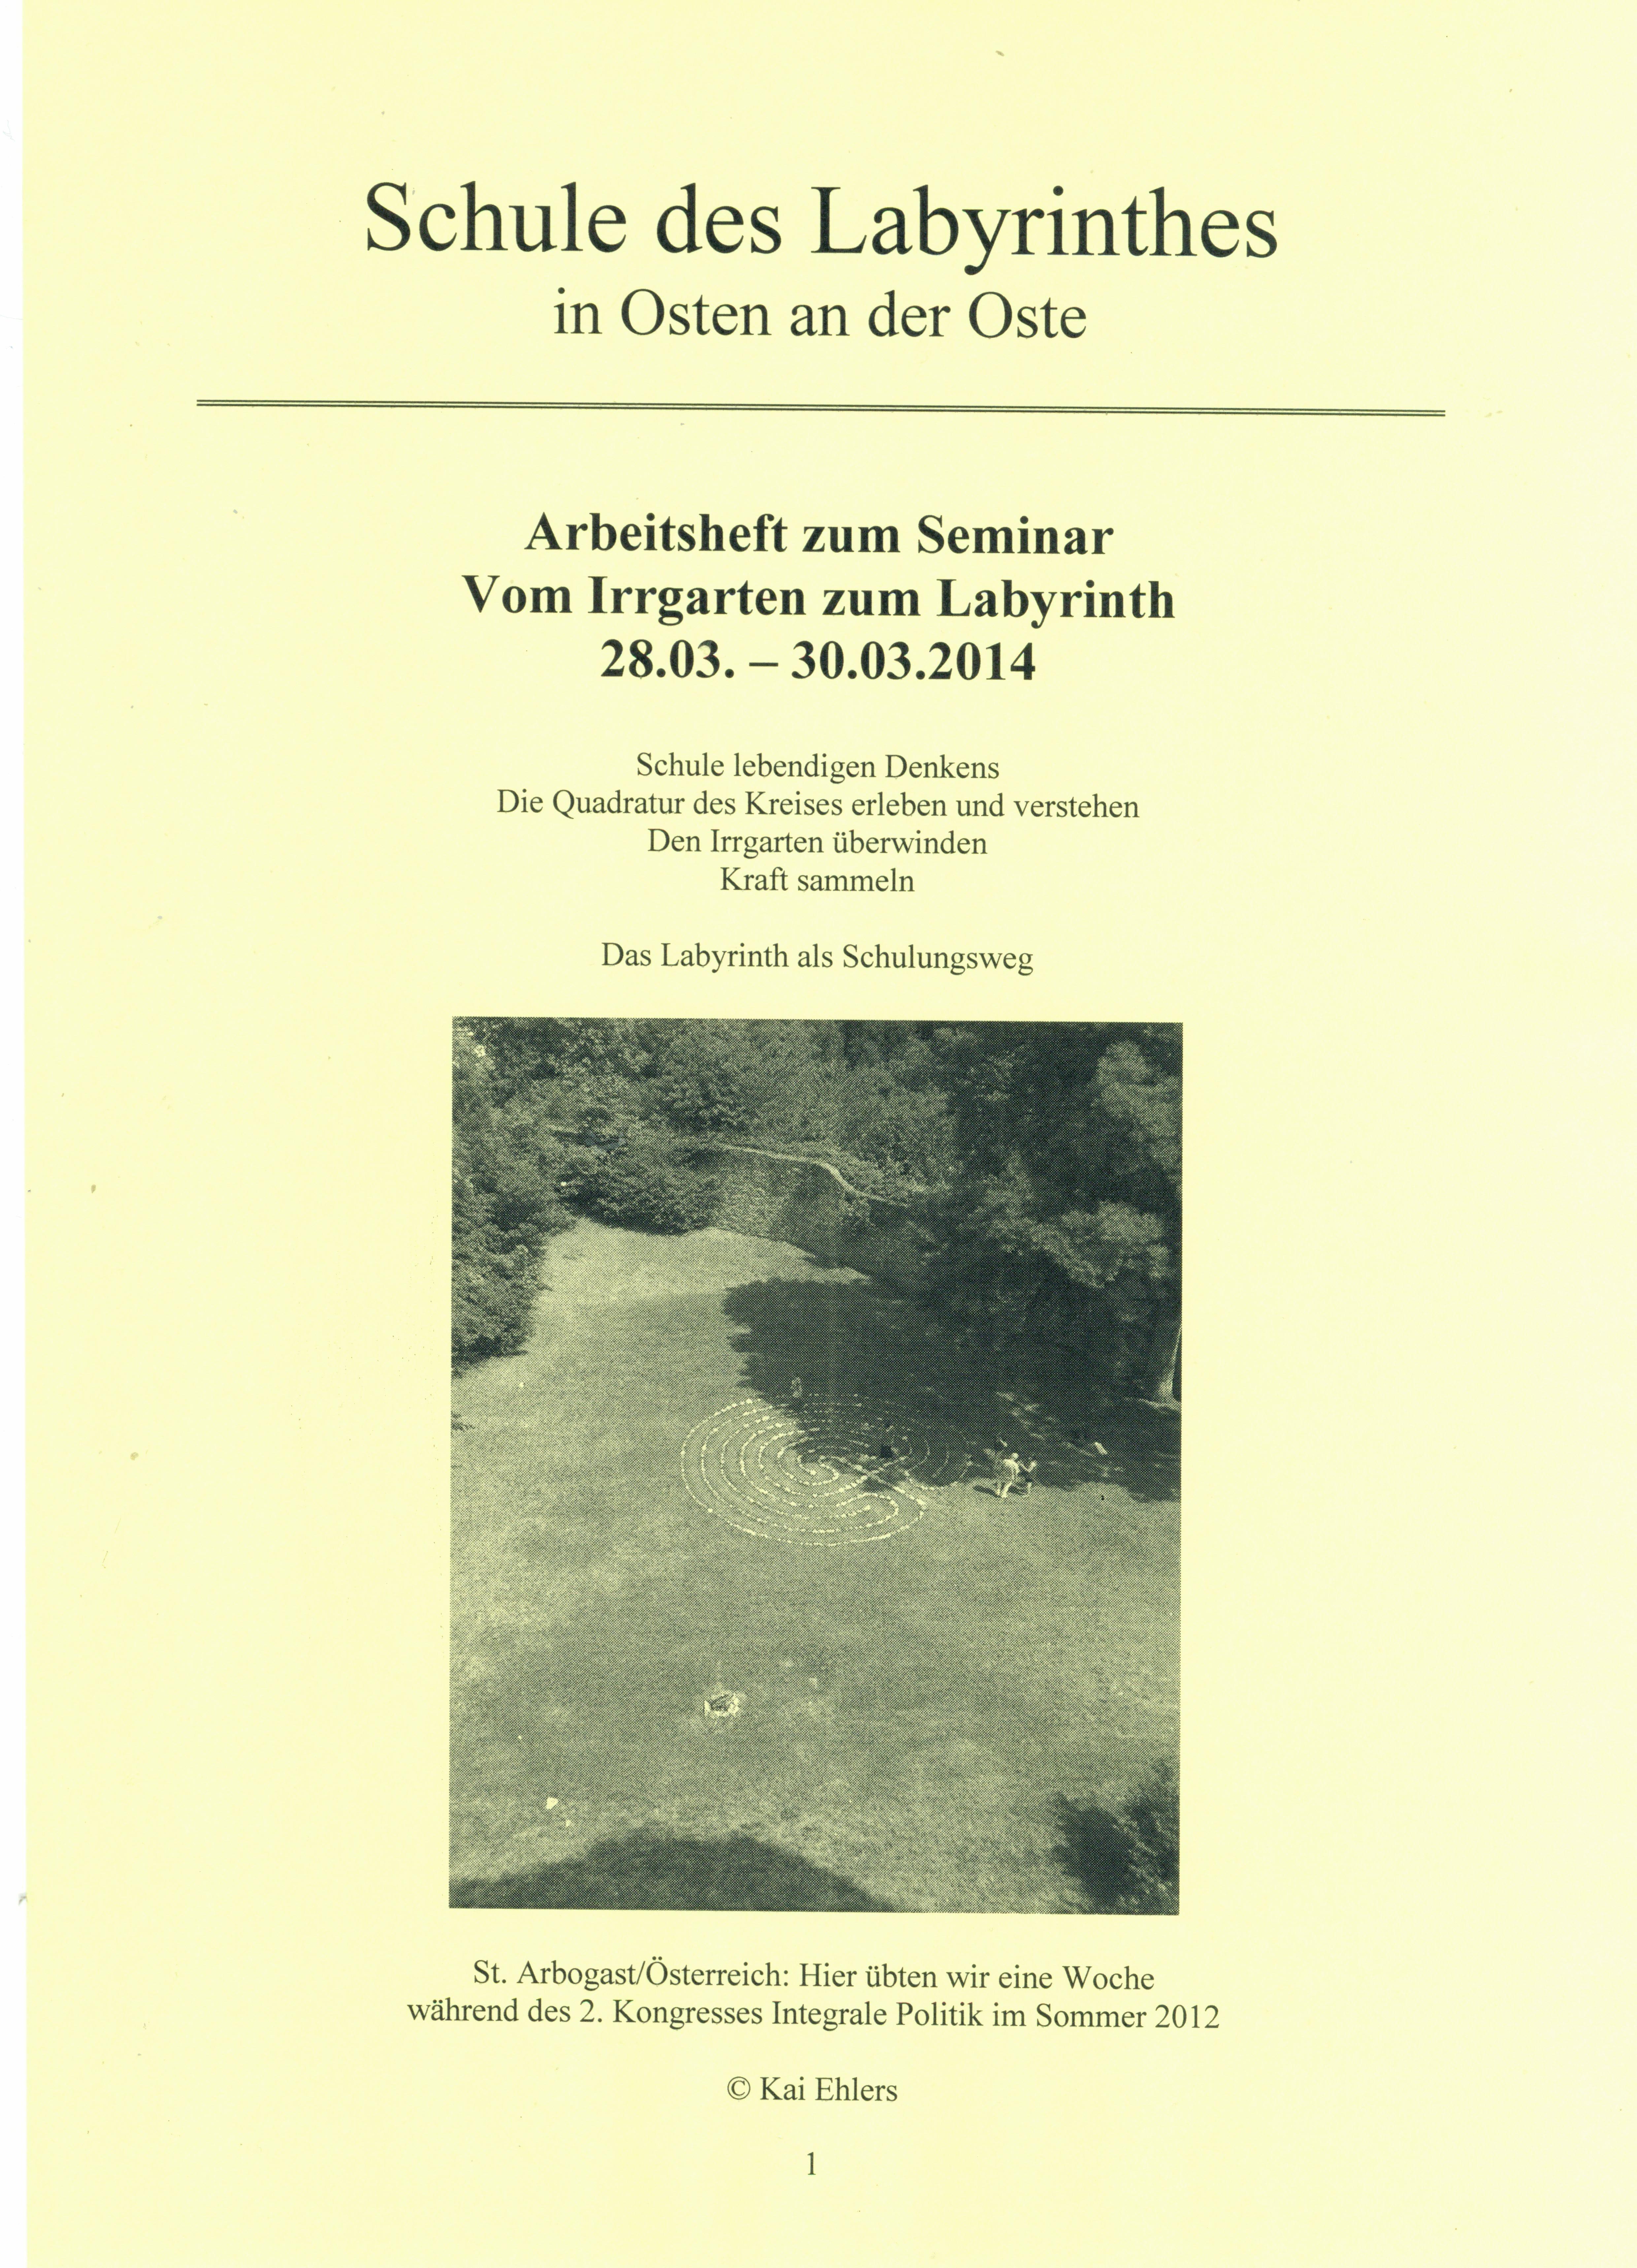 Schule – Vom Irrgarten zum Labyrinth